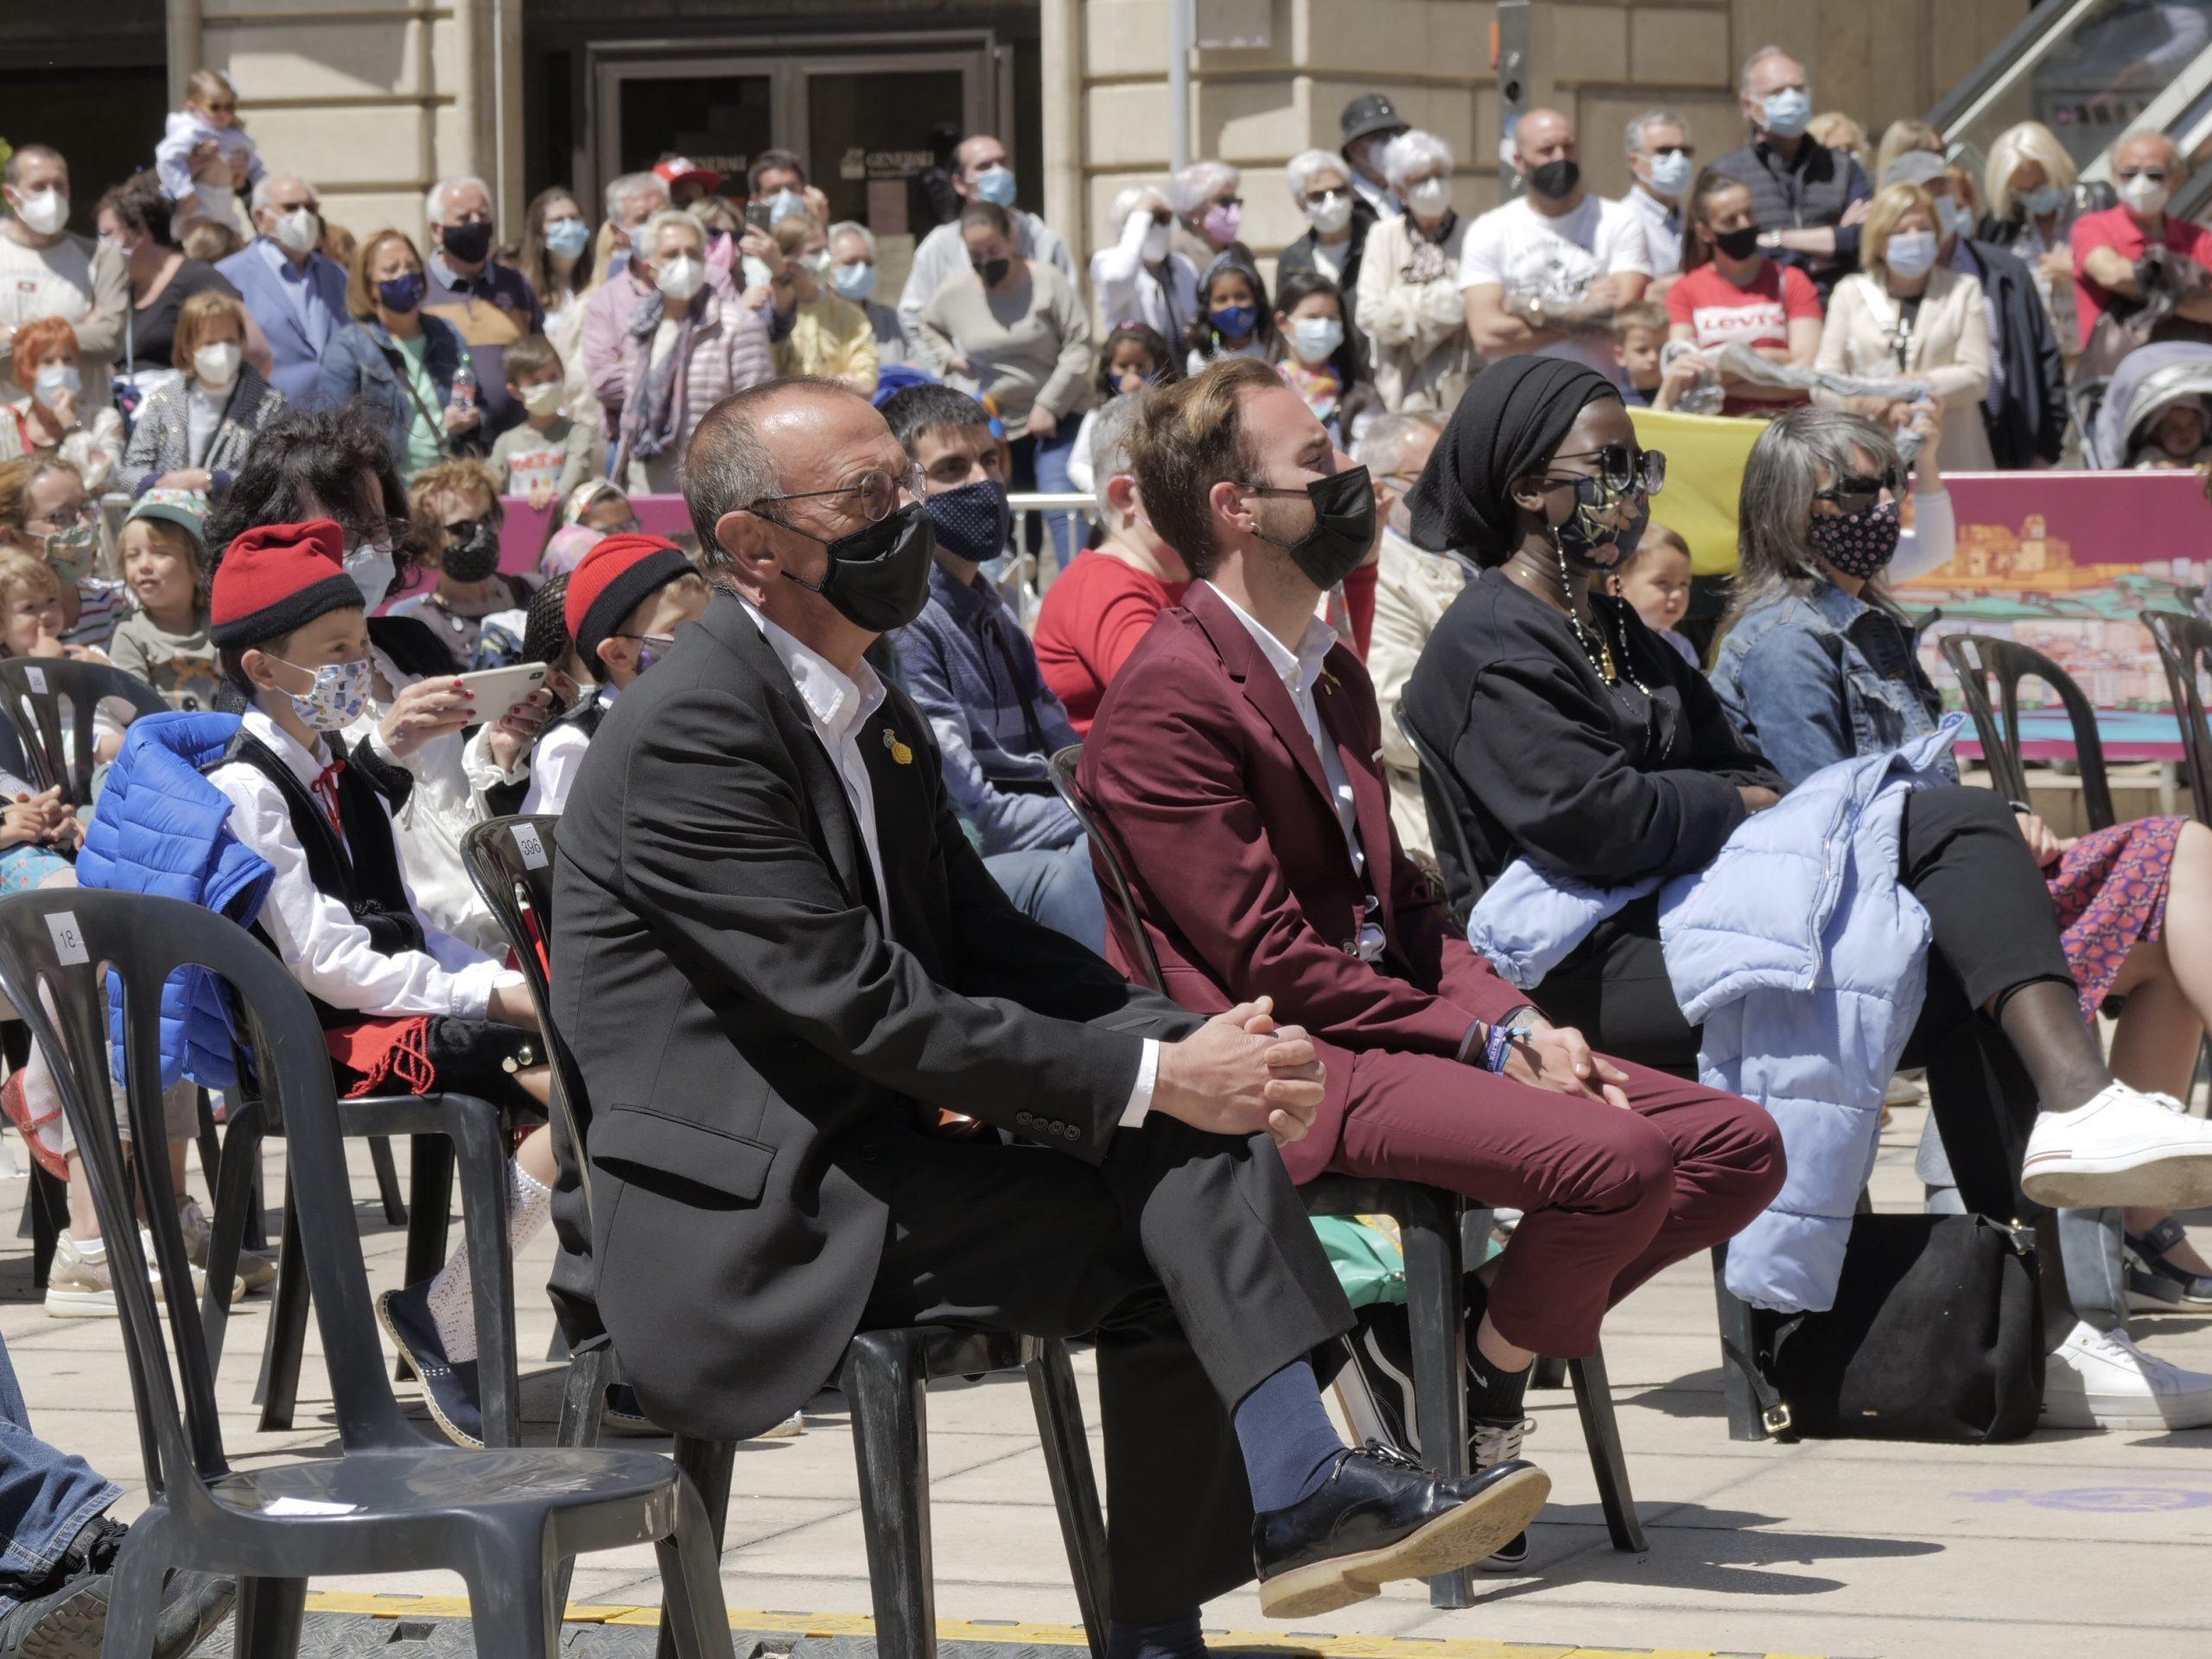 L'alcalde de Lleida, Miquel Pueyo, i altres autoritats locals, seguint els actes de cultura popular amb motiu de Sant Anastasi de Lleida a la plaça Sant Joan / ACN